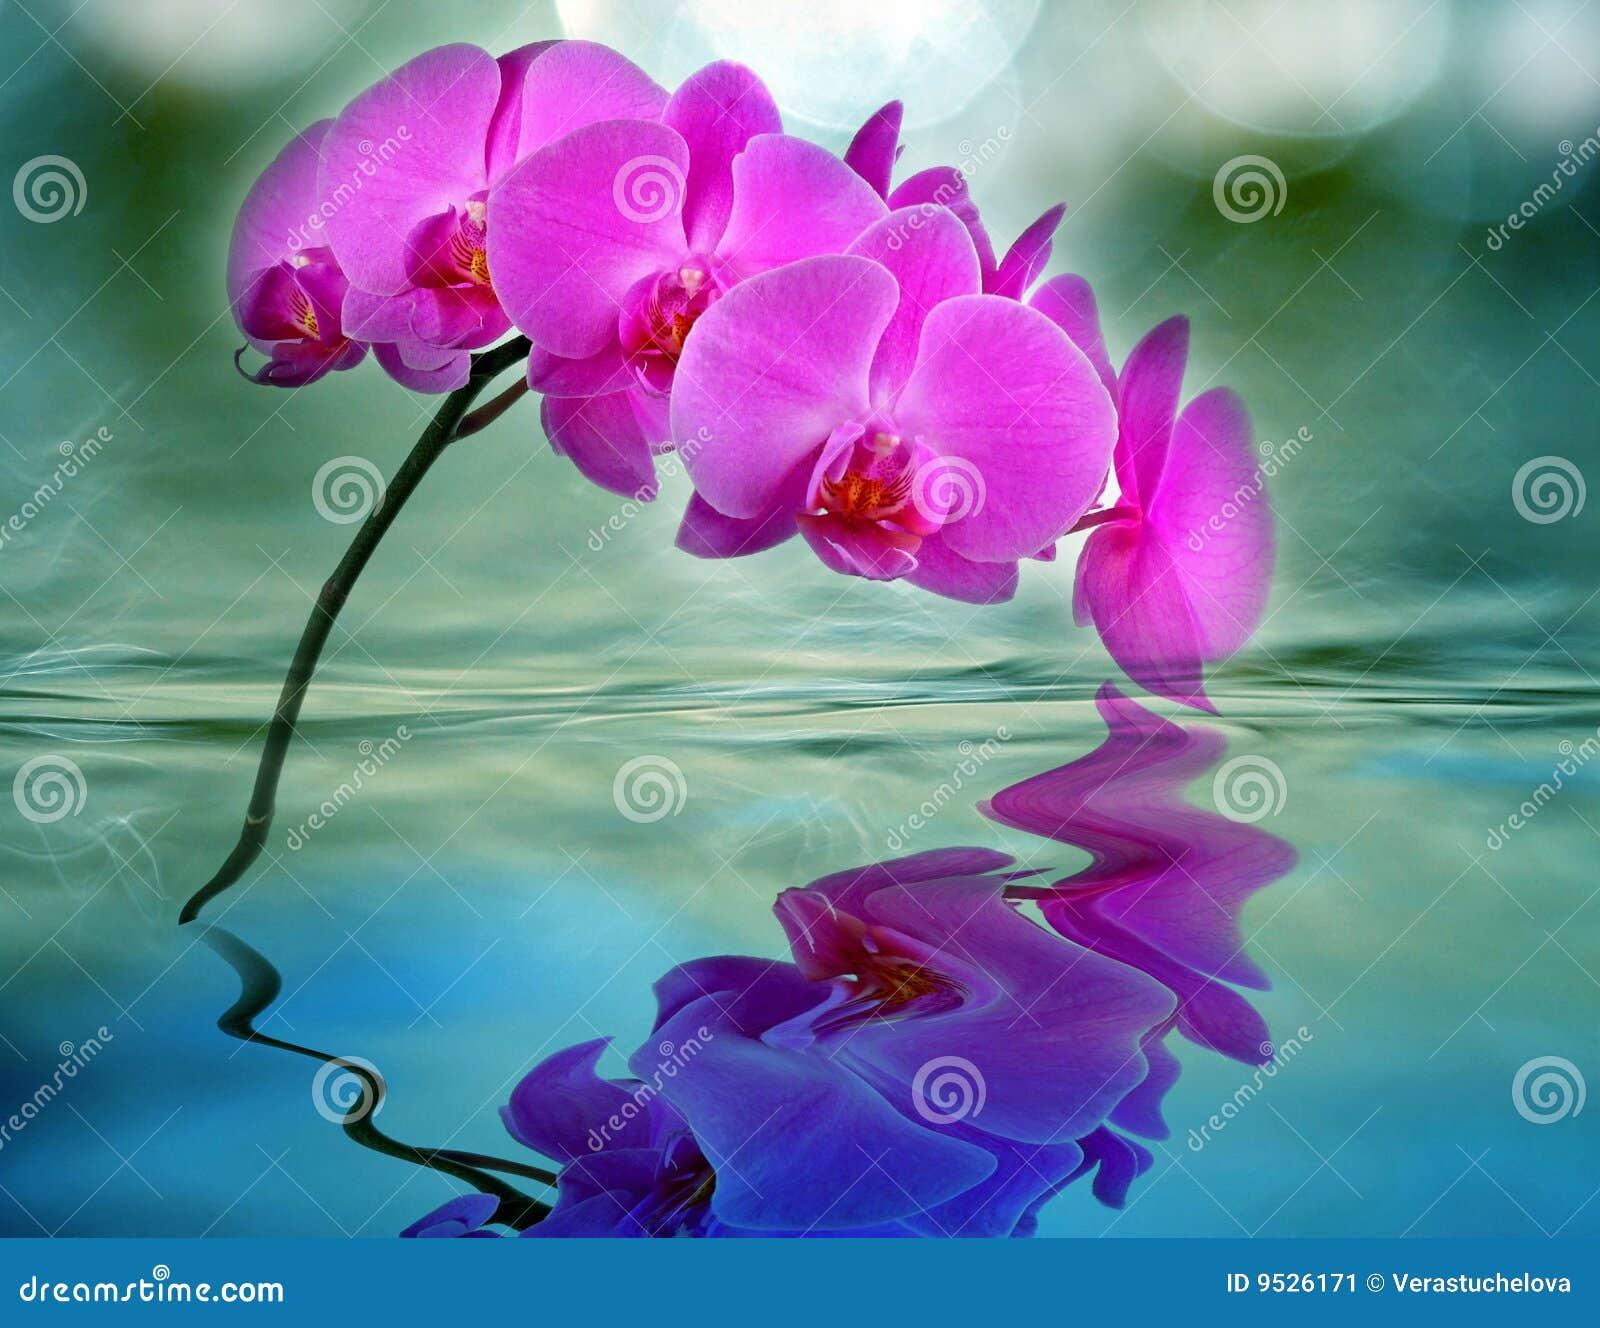 orchidea in acqua immagine stock immagine 9526171